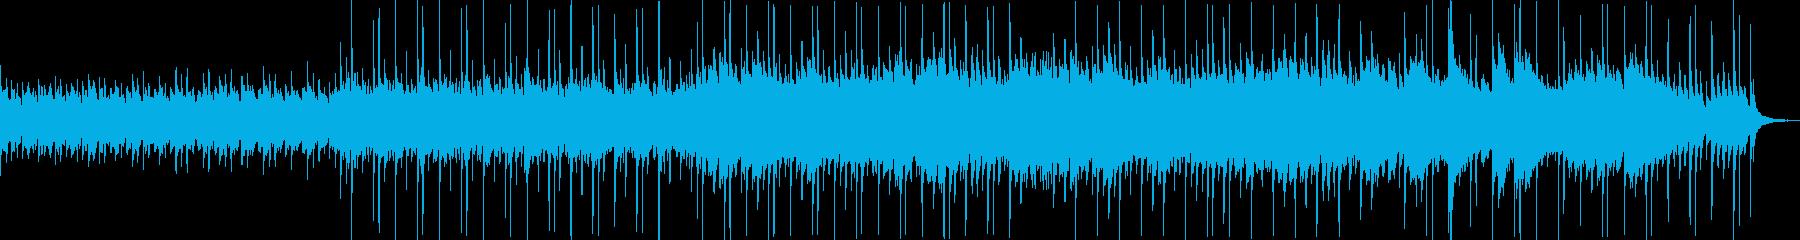 不思議で奇麗な音楽の再生済みの波形